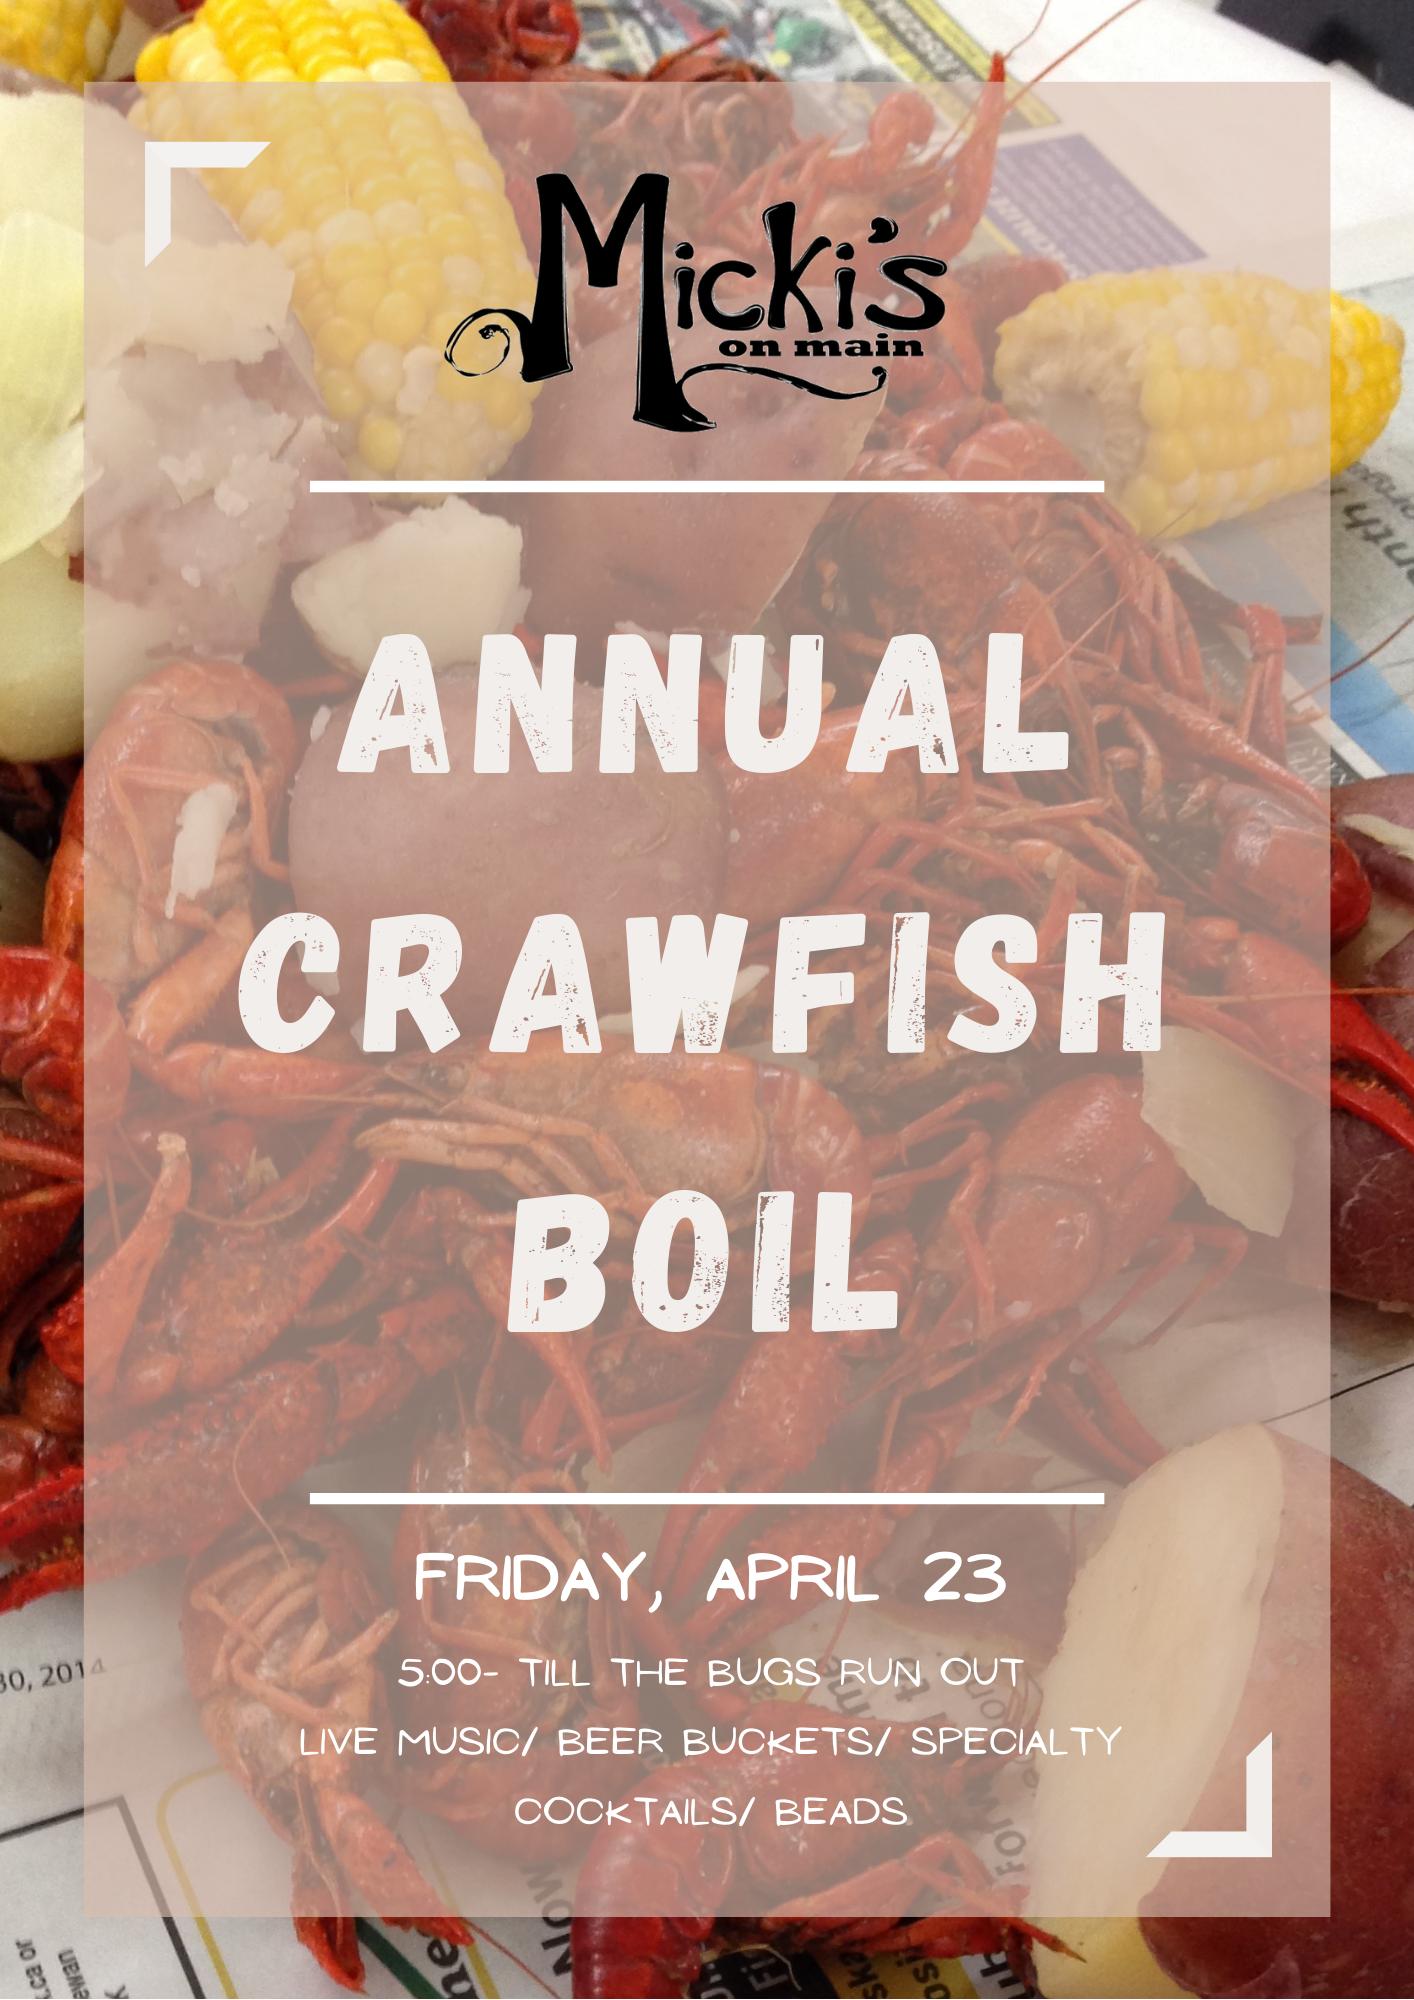 Annual Crawfish Boil April 23